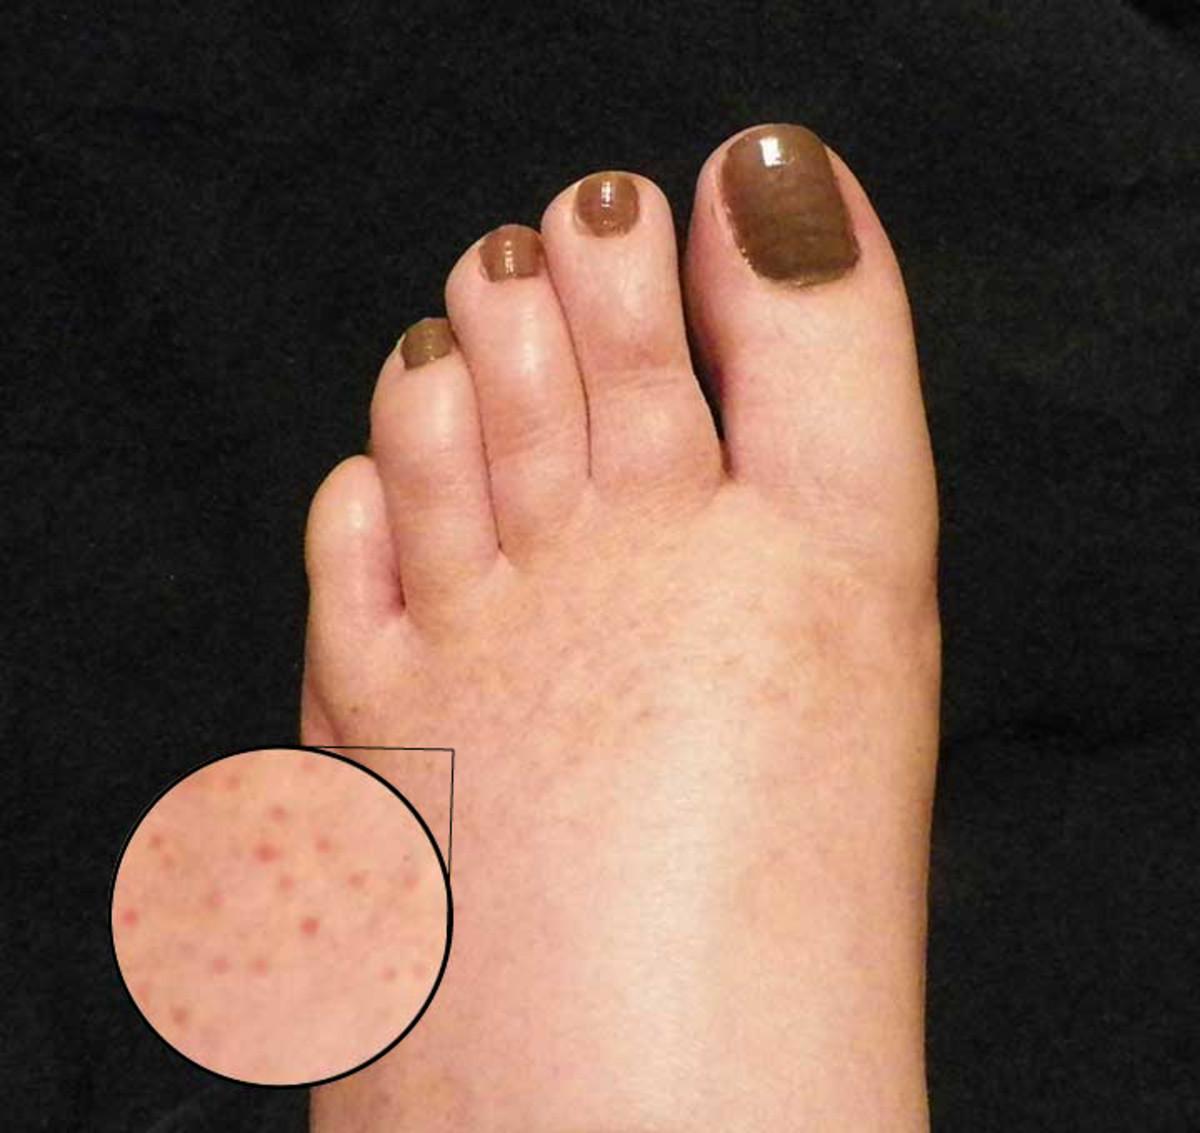 freckle on finger #11